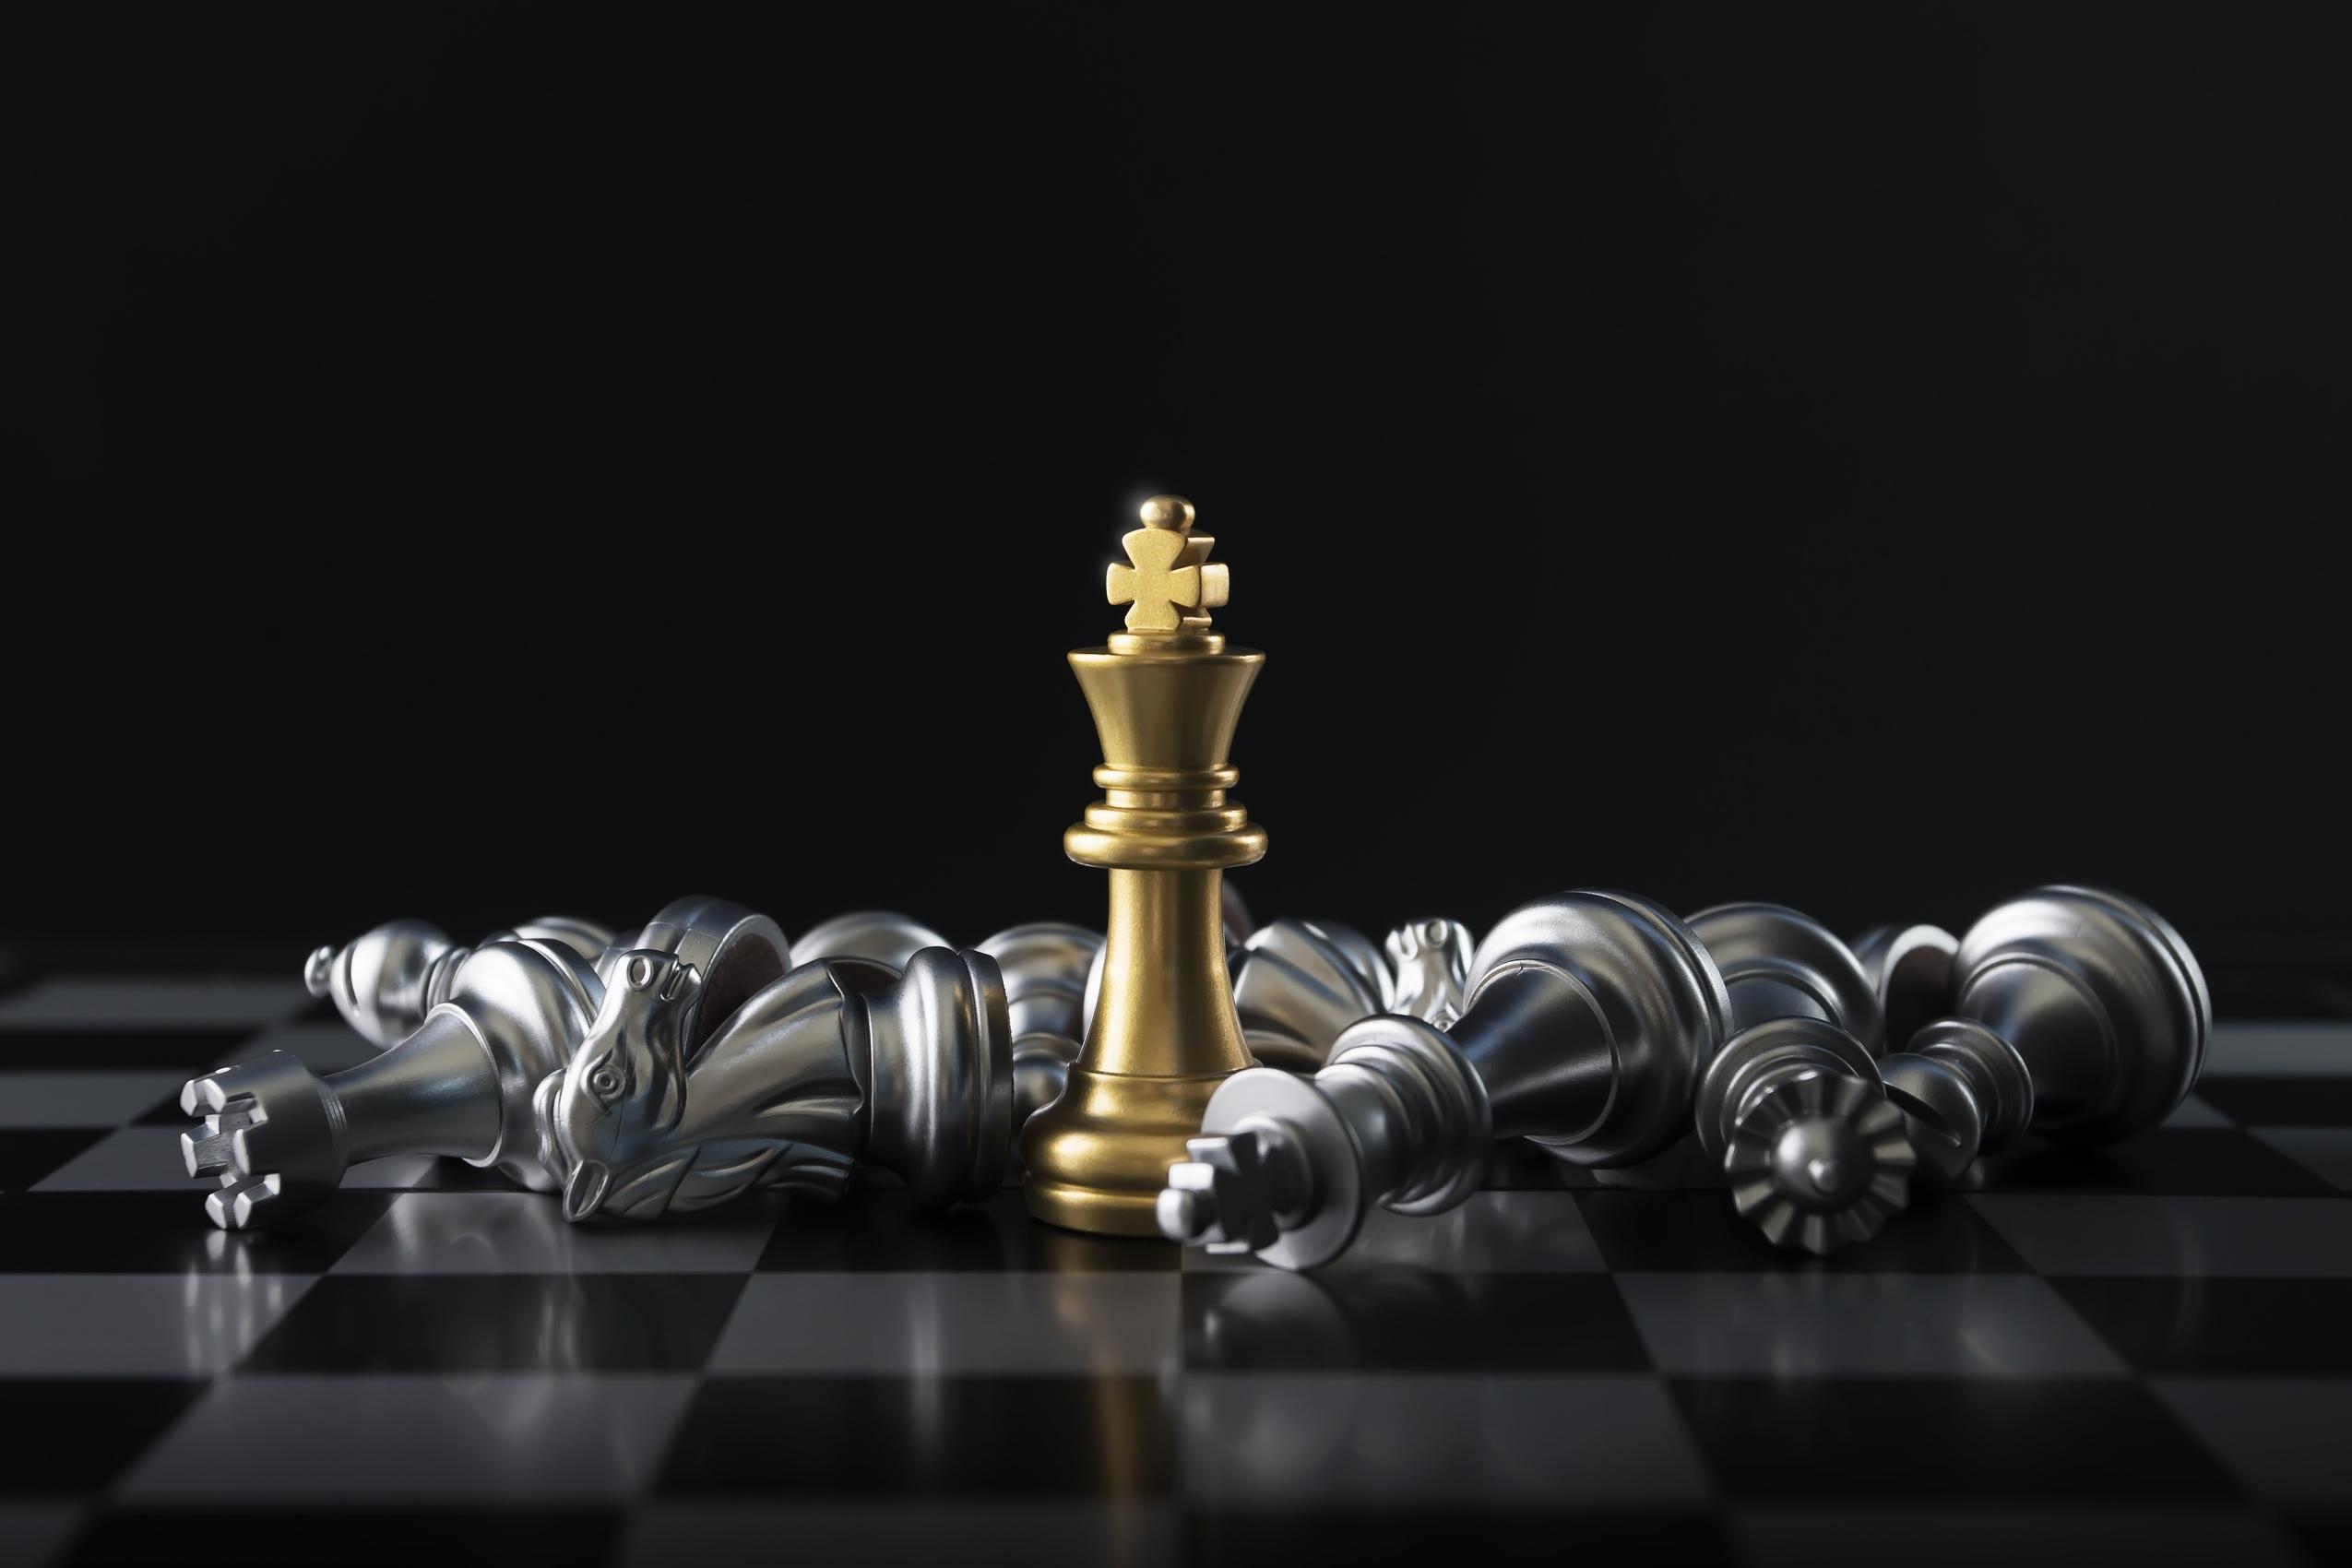 קורס ניהול הדרכה ופיתוח למנהלים